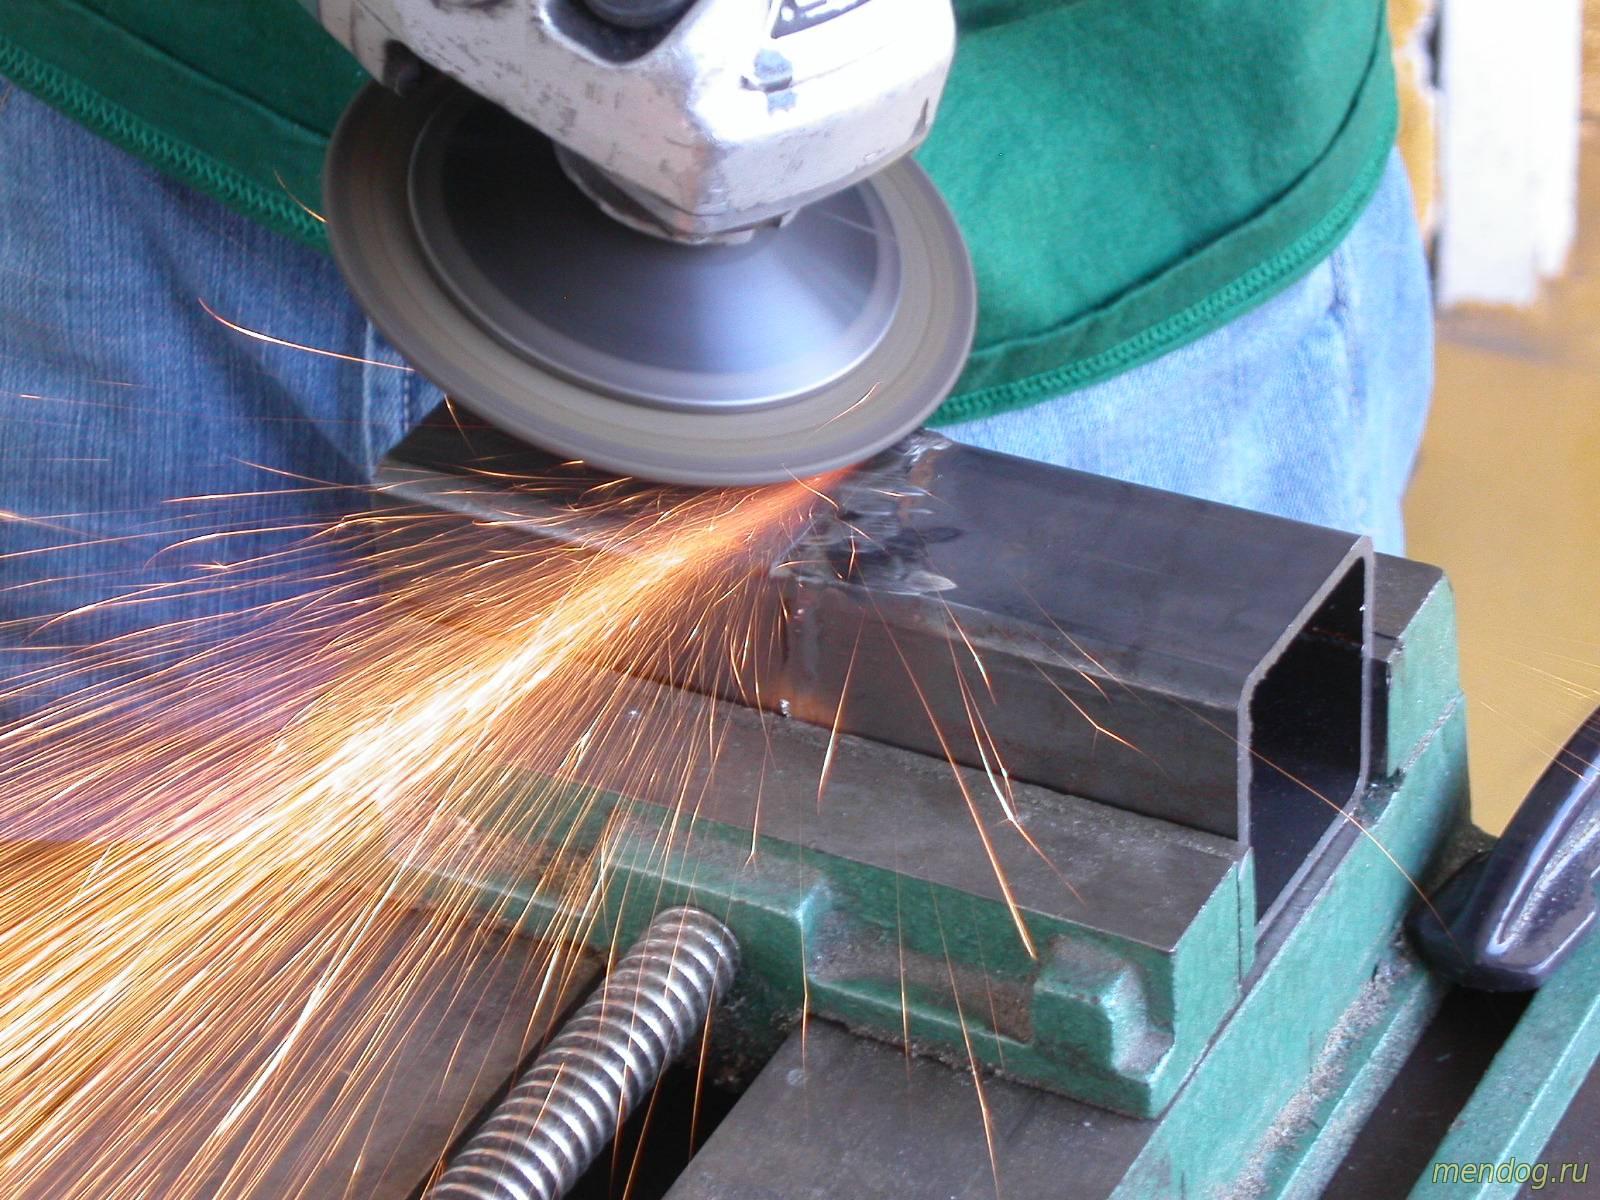 Шлифование металла: методы и абразивы для шлифовки изделий